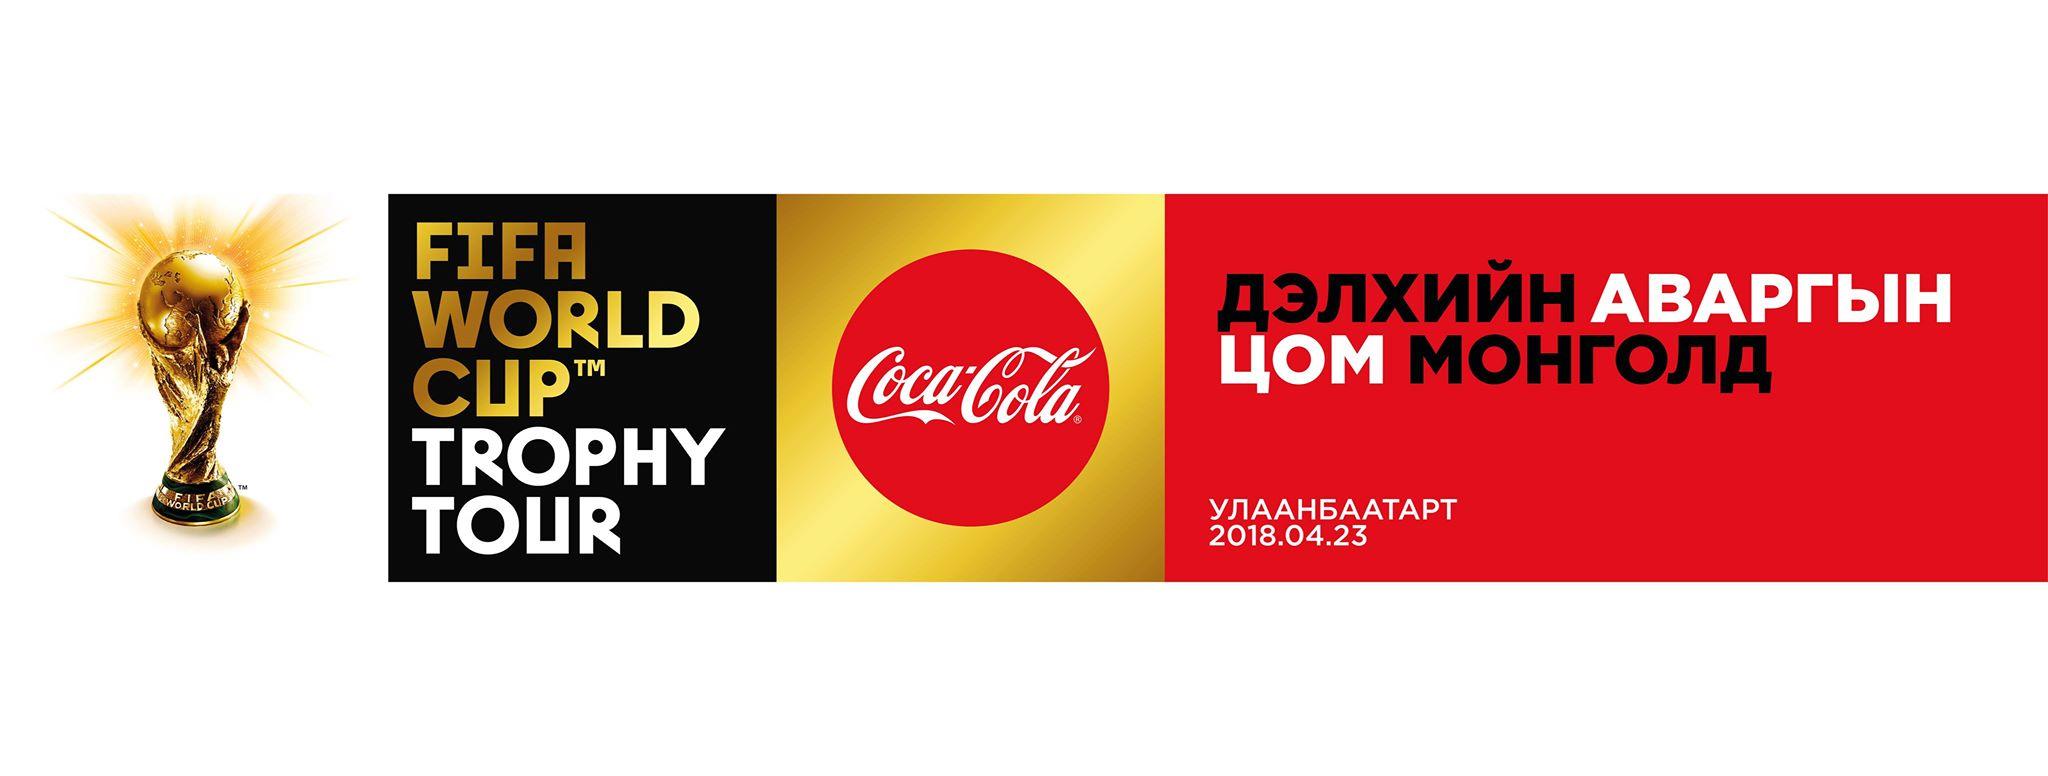 Top Coca Cola World Cup 2018 - 1615d565-c3ca-45f9-b1f2-e9829eb8bc37_30727528_1935717606462020_2103313564377808896_o  Gallery_26580 .jpg